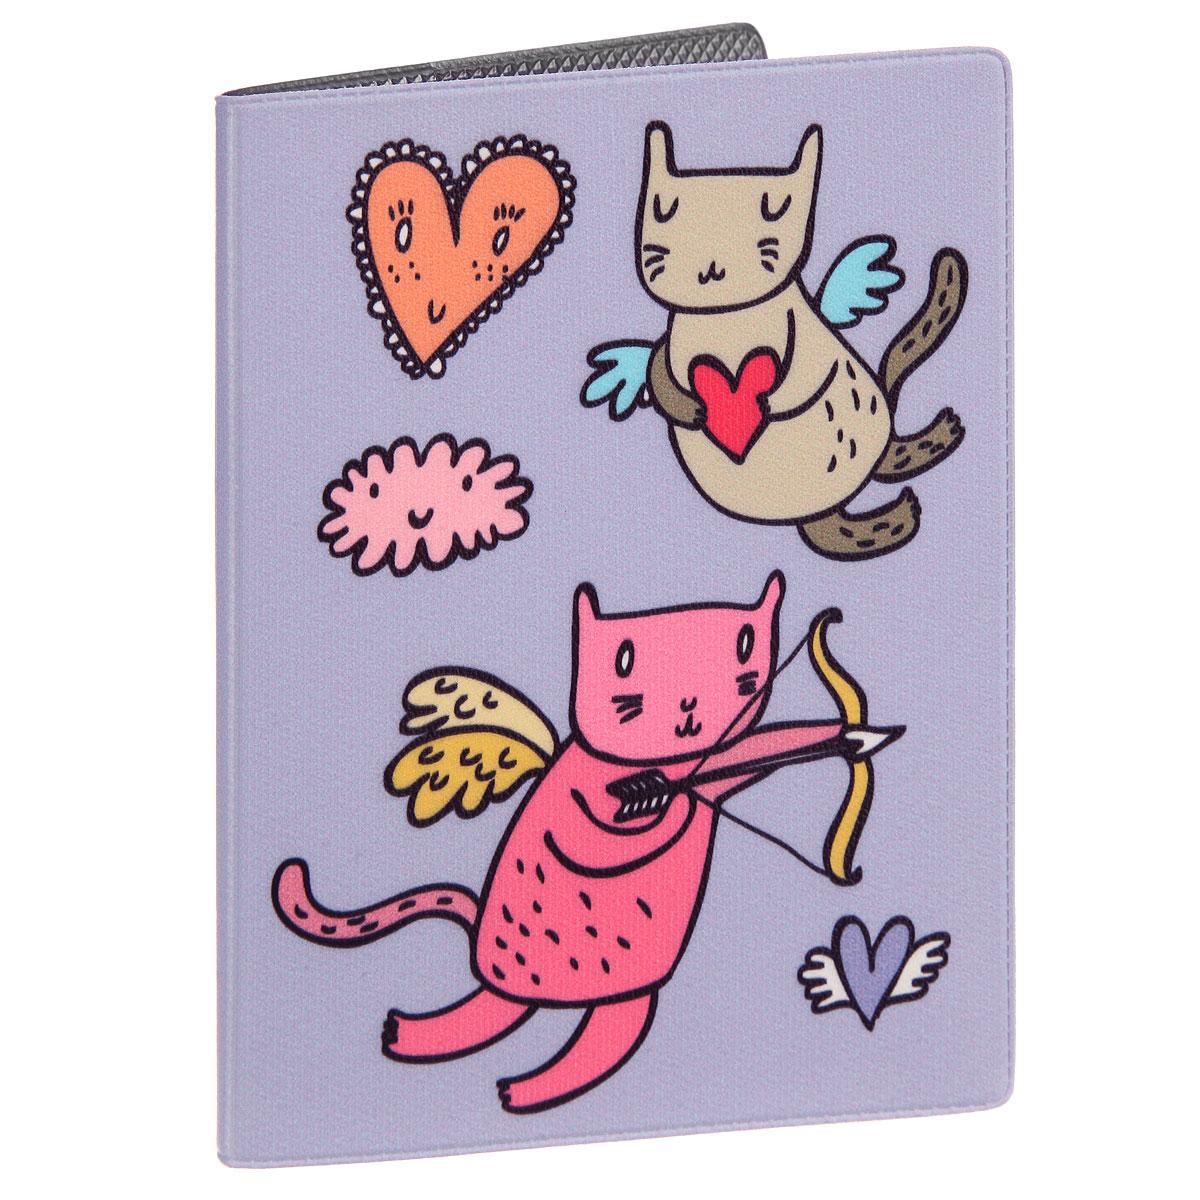 Обложка для паспорта Коты-амуры на сиреневом. OZAM359 обложка для паспорта коты амуры на сиреневом ozam359